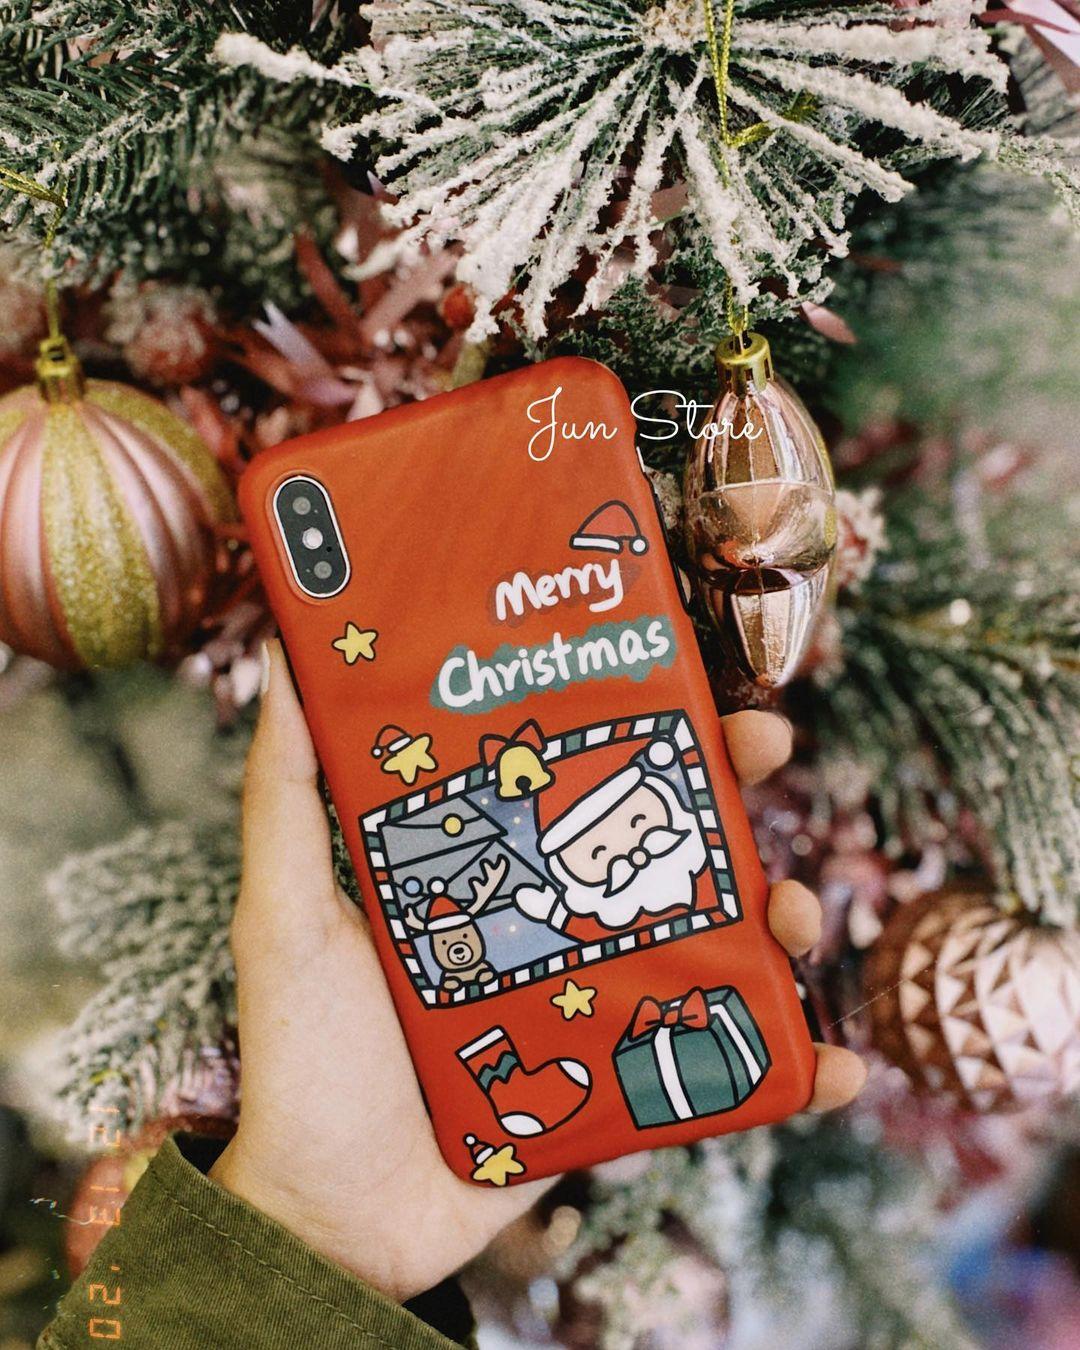 Ốp điện thoại Noel giá từ 60k, toàn kiểu dễ thương khó mà chỉ tậu 1 chiếc - Ảnh 4.